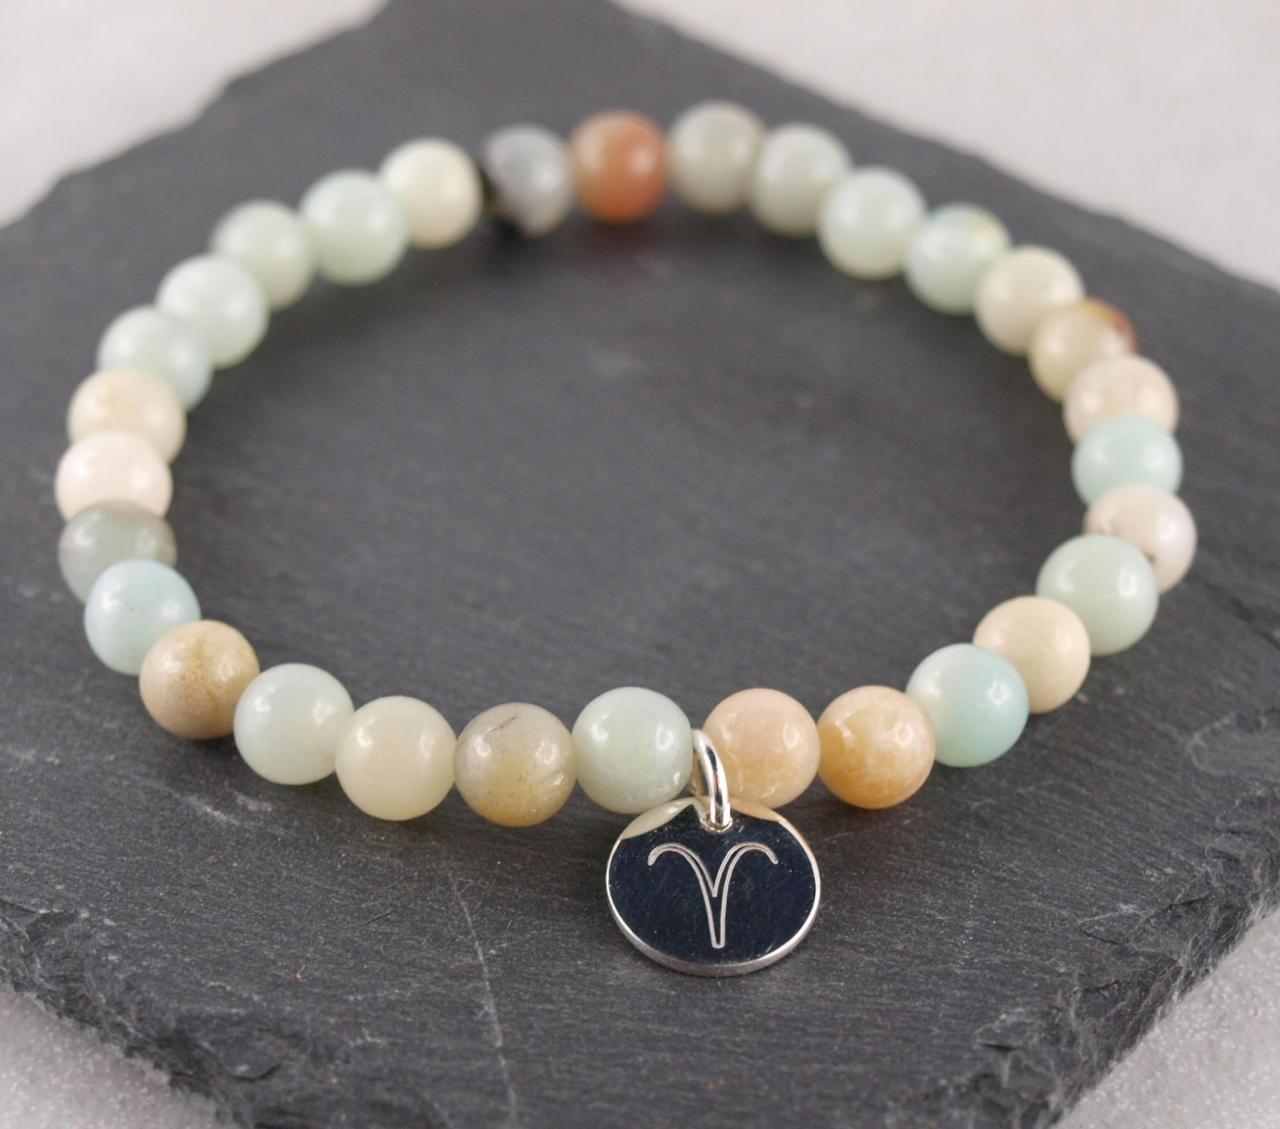 Naturstein Armband Perle mit Sternzeichen Gravuranhänger